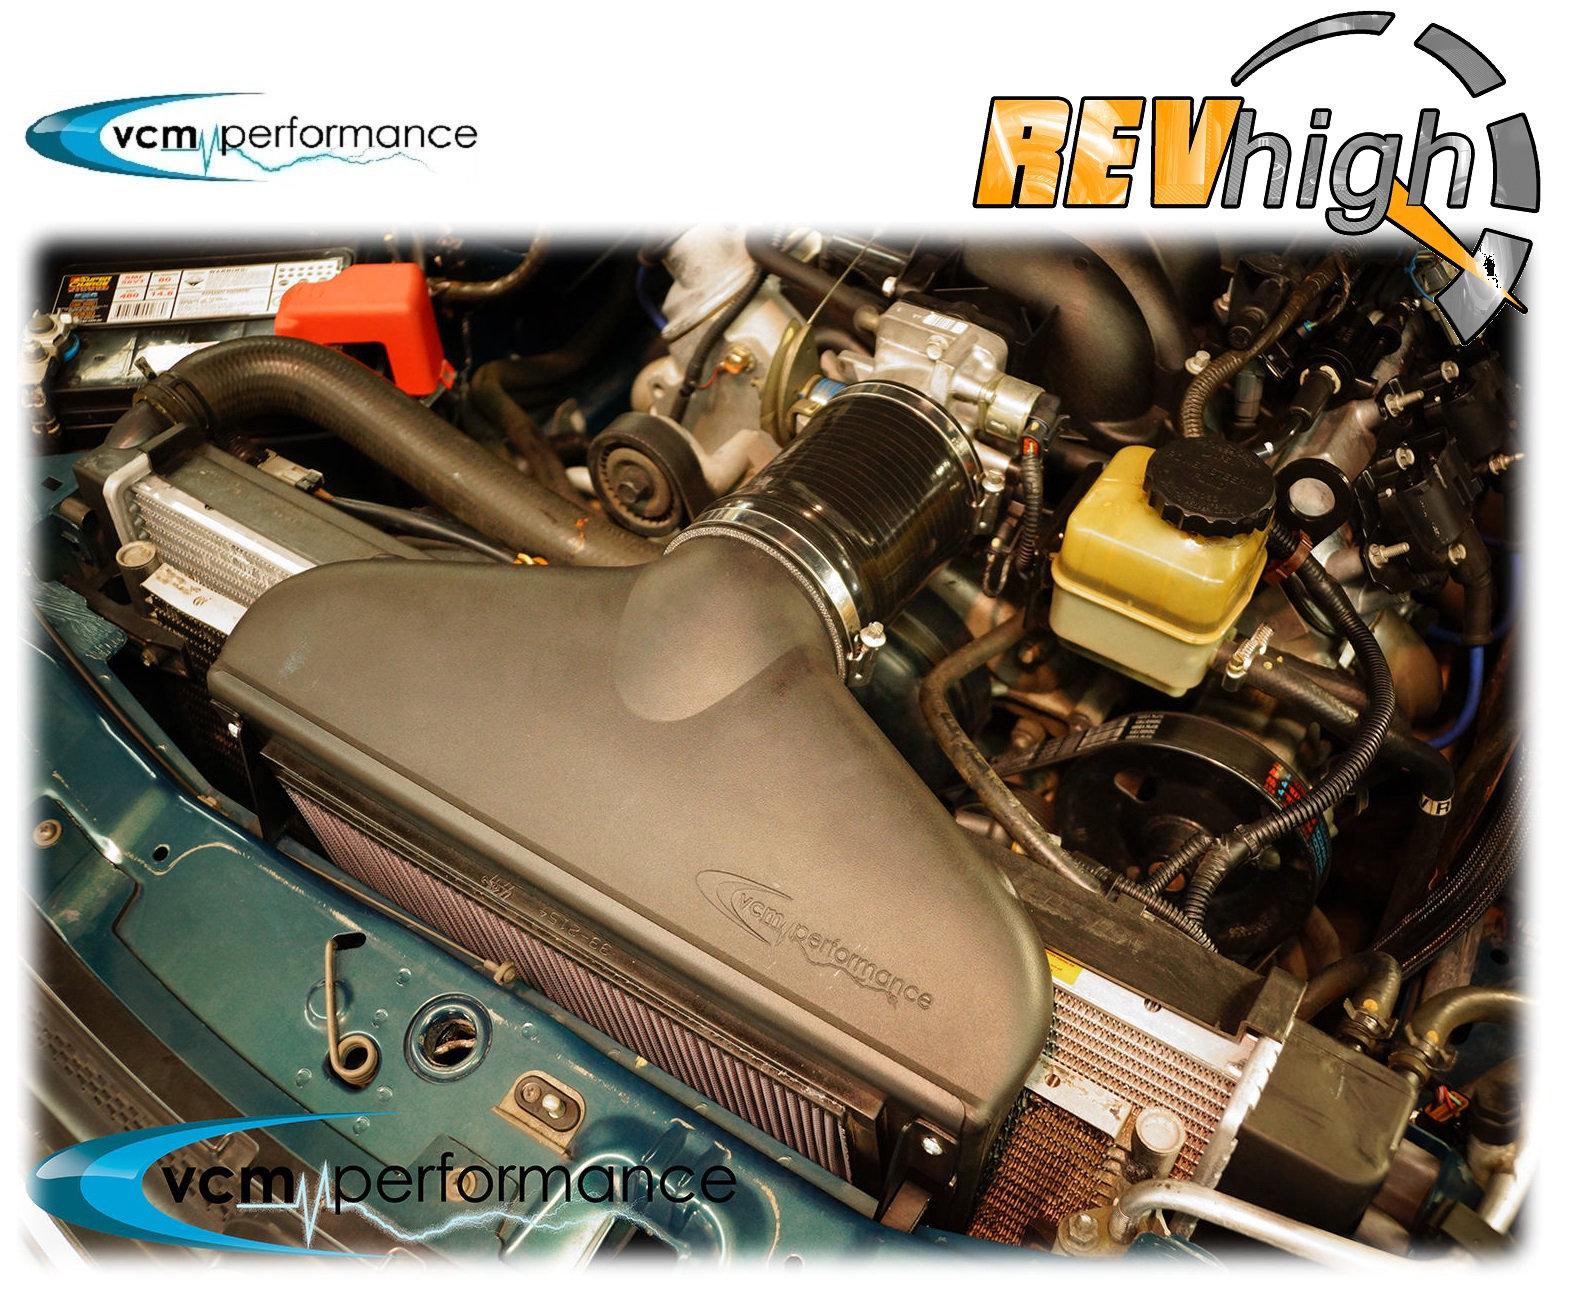 Holden VCM OTR VT VX VY VZ LS1 LS2 V8 CAI | revhigh